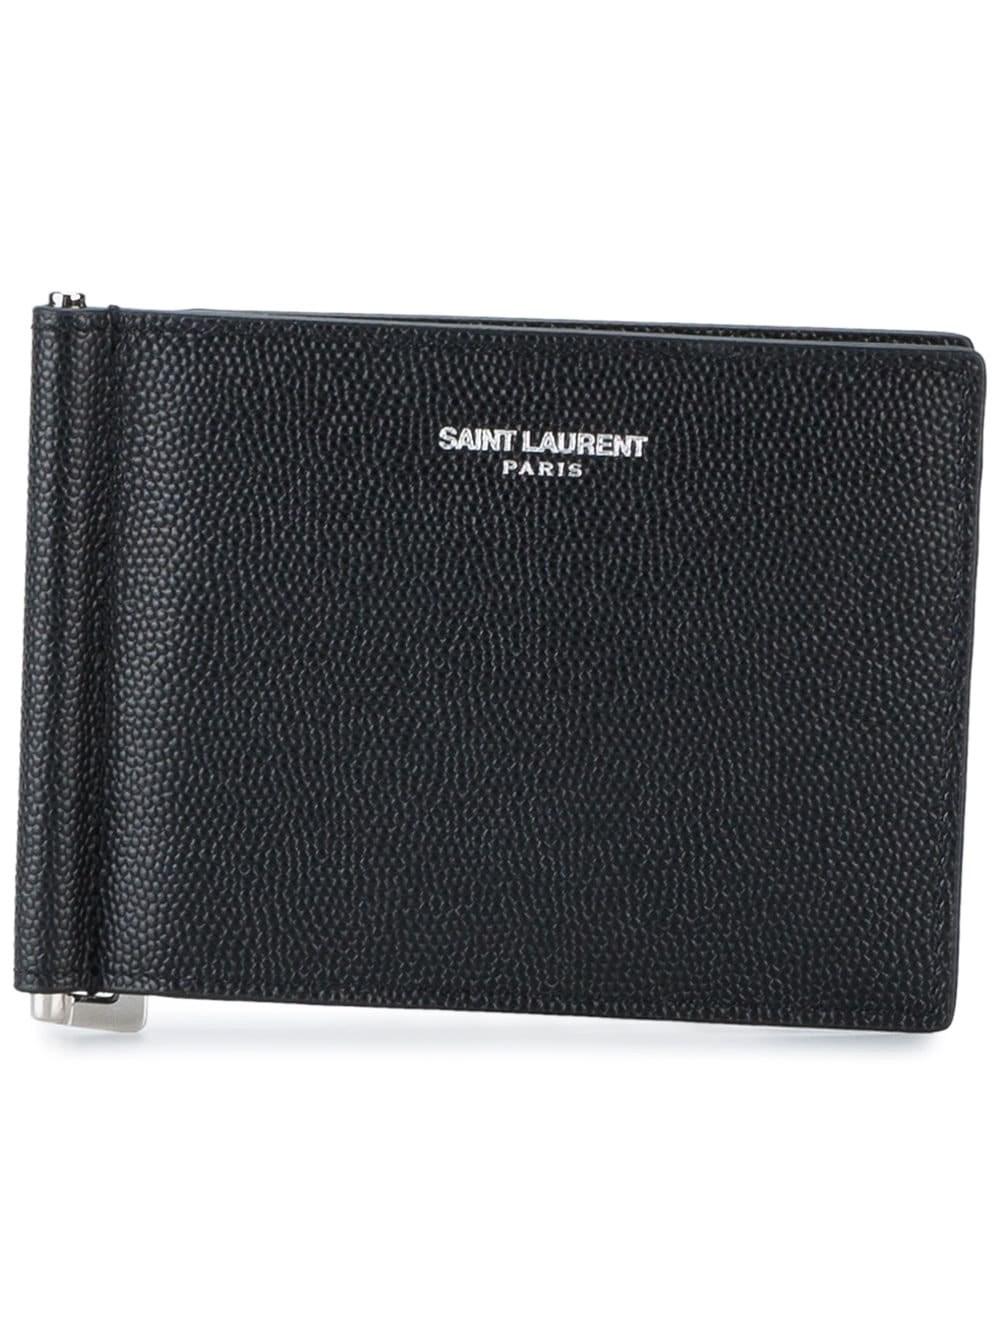 Saint Laurent Wallet In Black